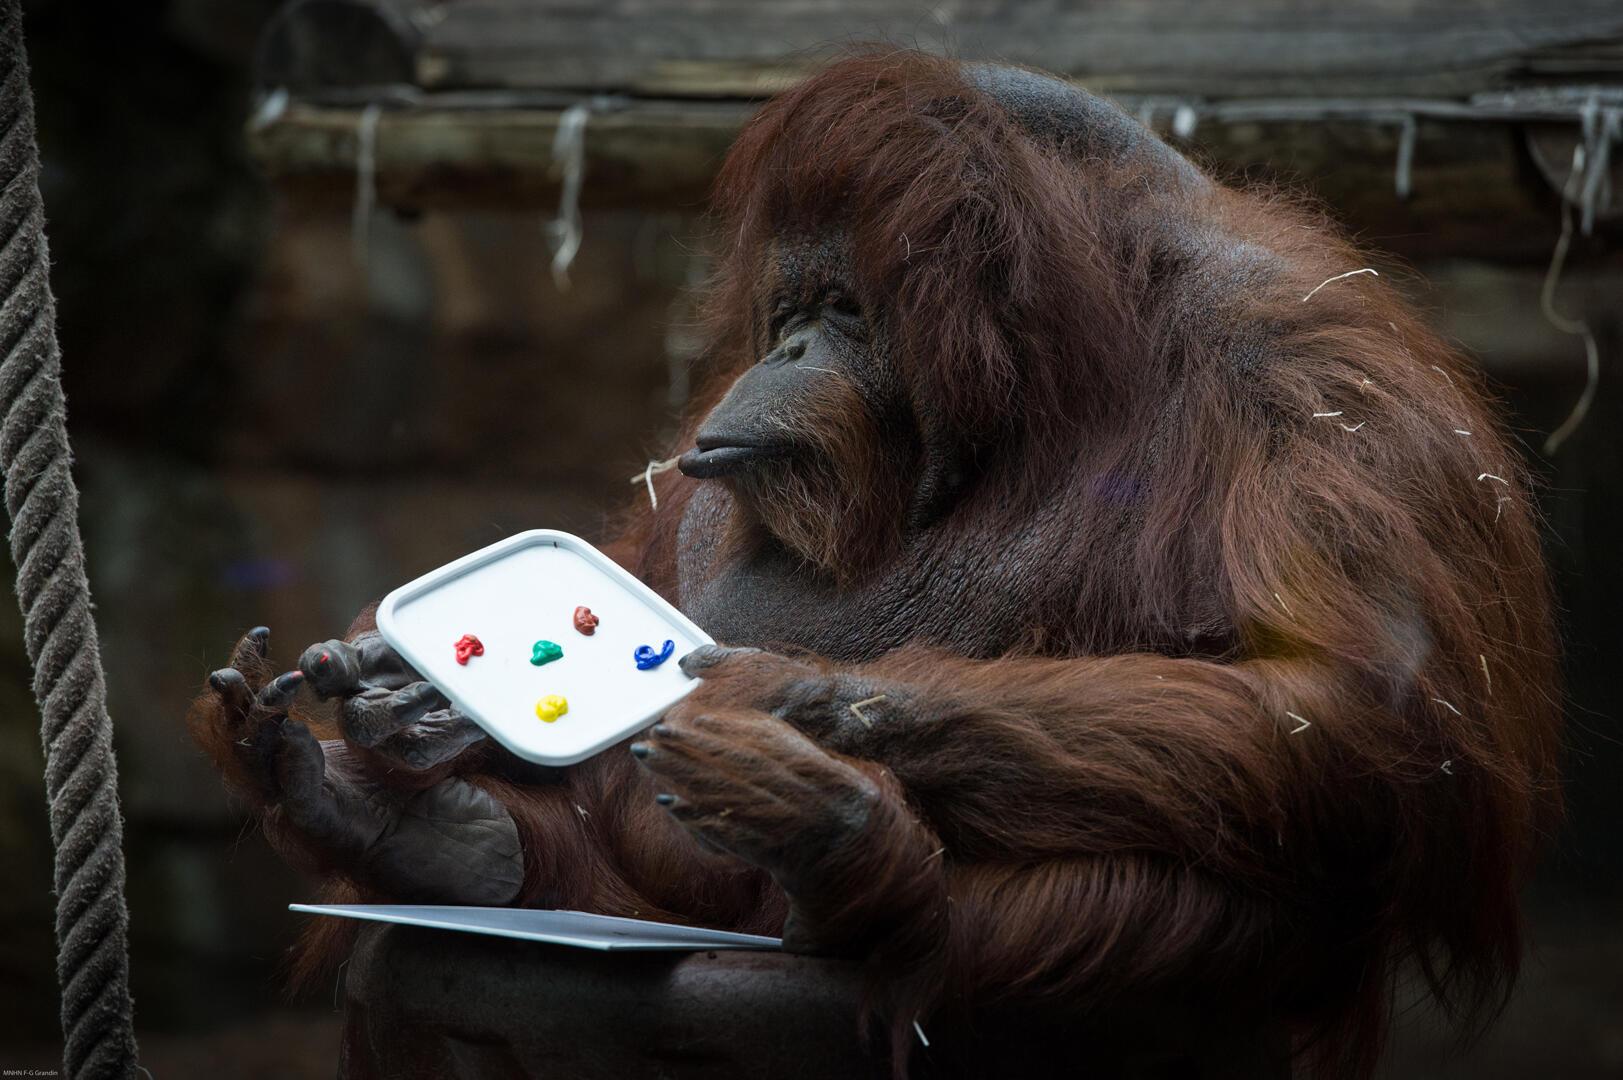 À 50 ans, un âge avancé pour un orang-outan en captivité, Nénette demande une attention toute particulière.